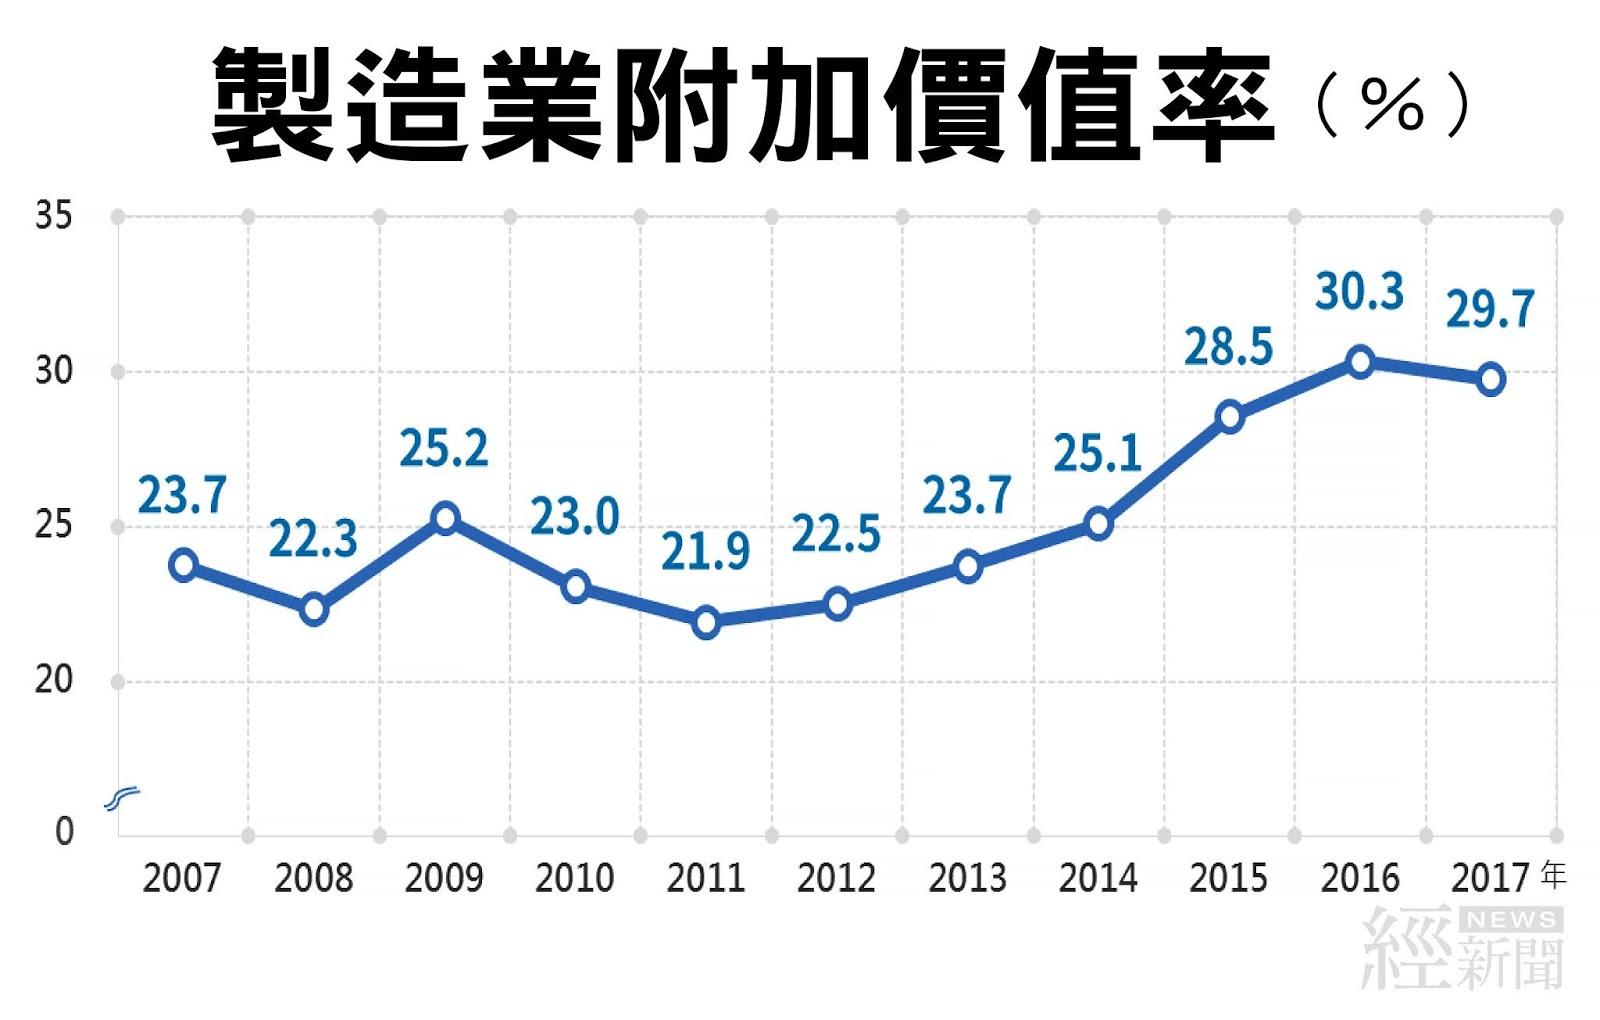 我製造業附加價值率29.7% 升幅優於南韓 - 經 News | 經新聞